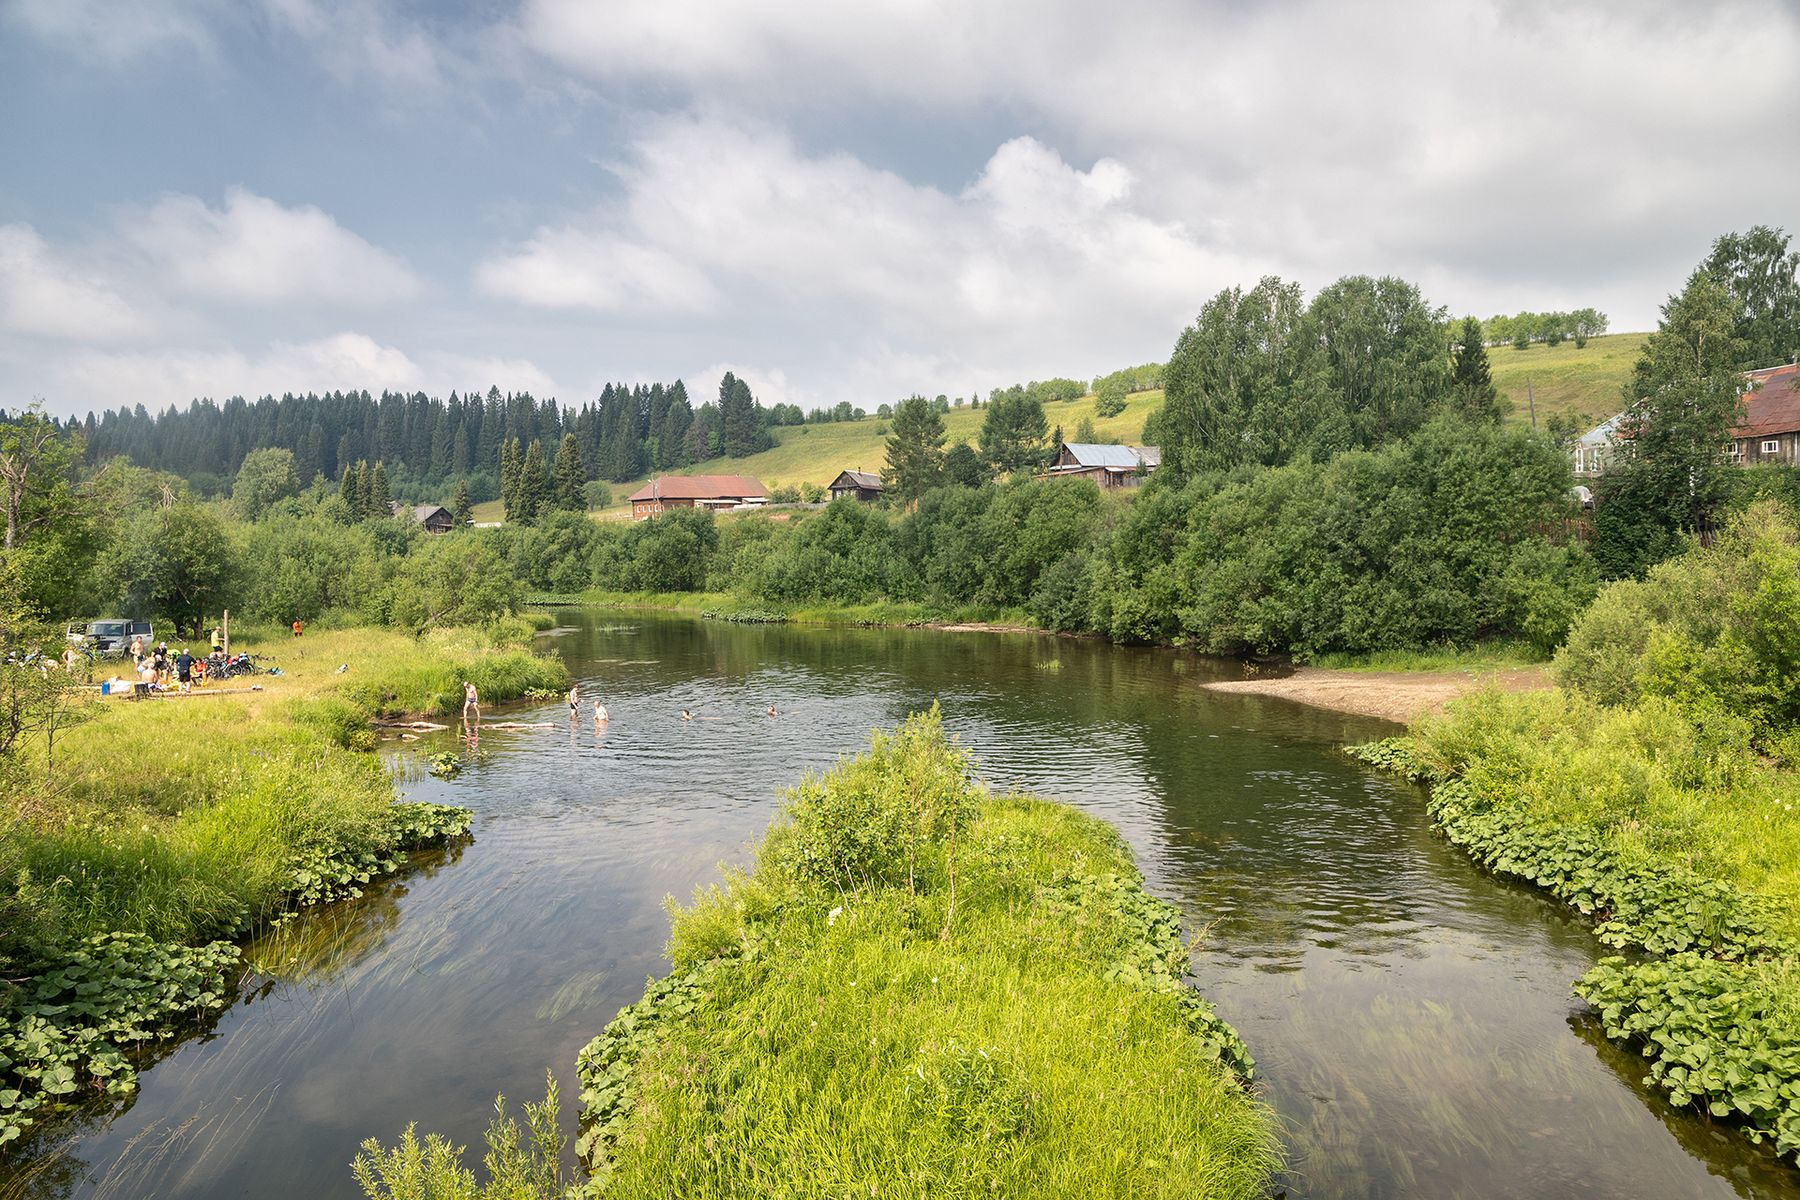 Село Матвеево река деревня лес небо пейзаж Пермский_край туризм пасмурно